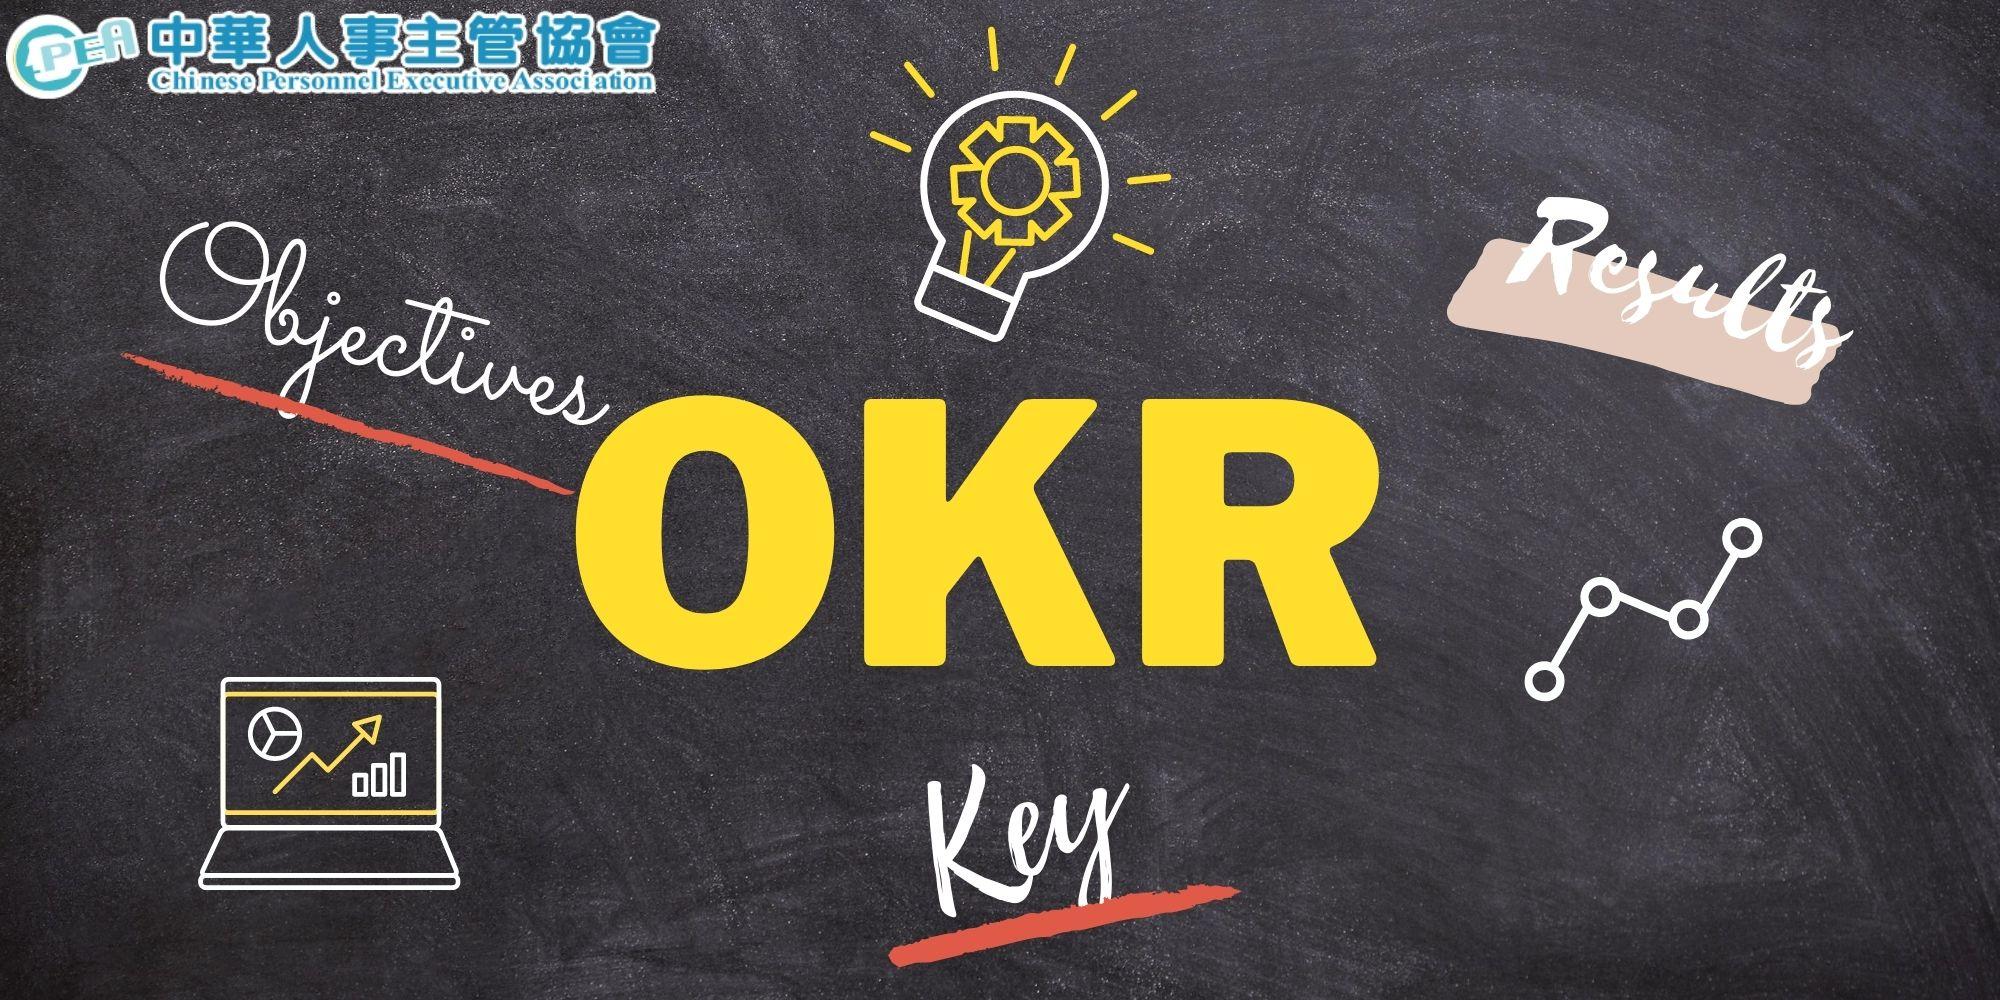 實施OKR前的自我評估(含自我檢核20問)│中華人事主管協會-HR